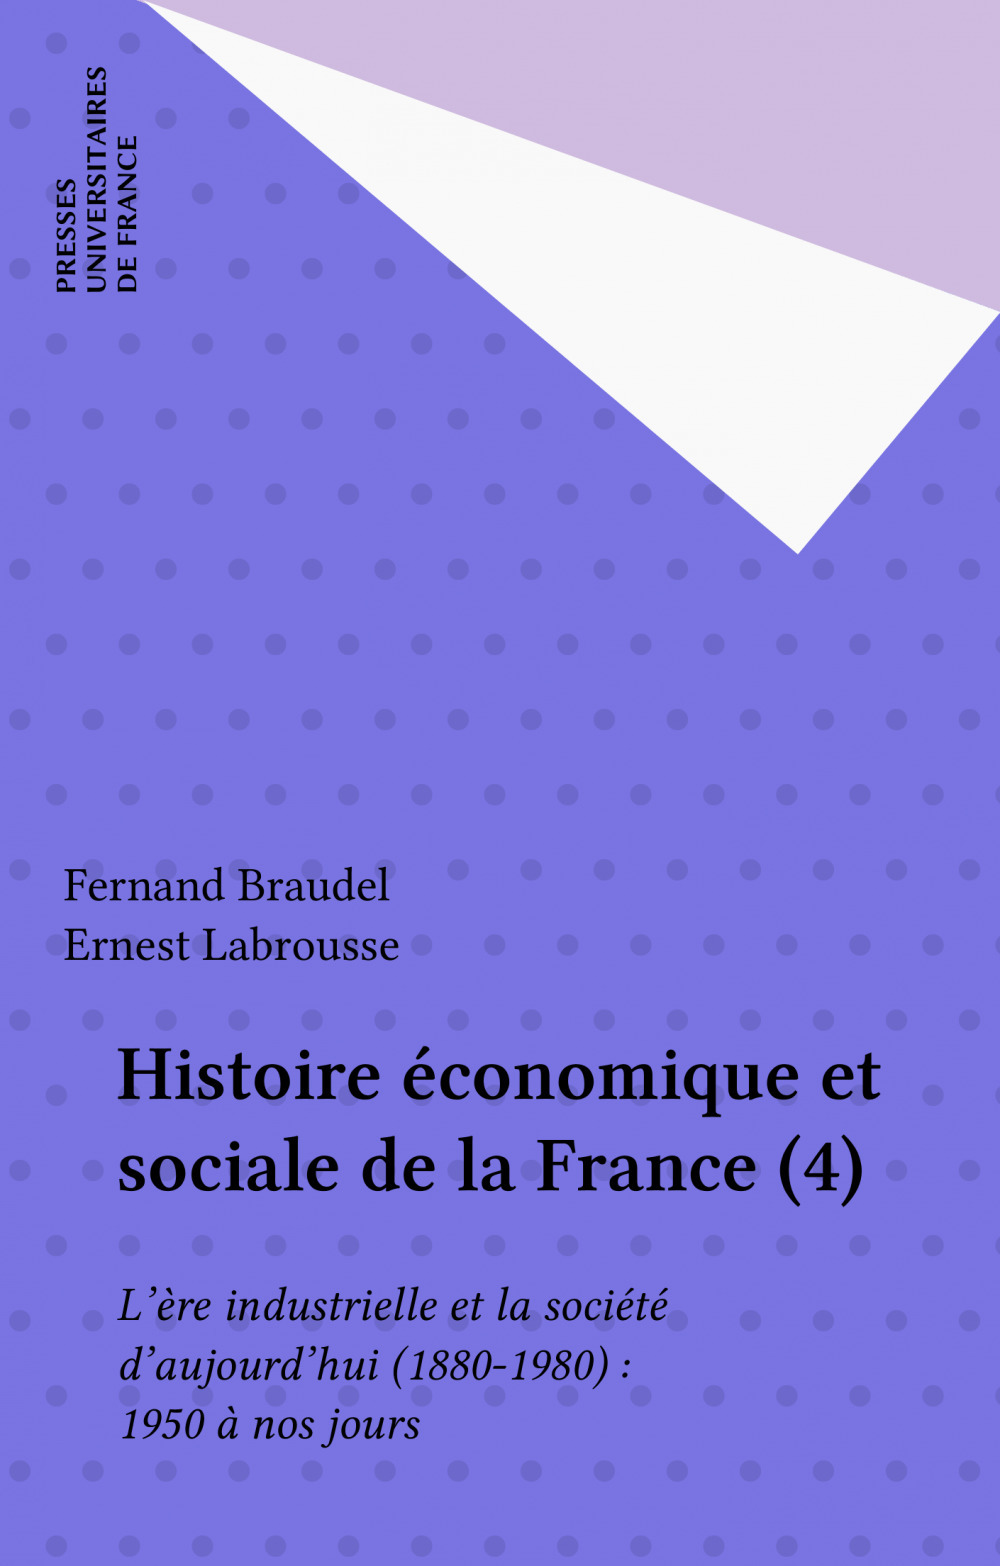 Histoire économique et sociale de la France (4)